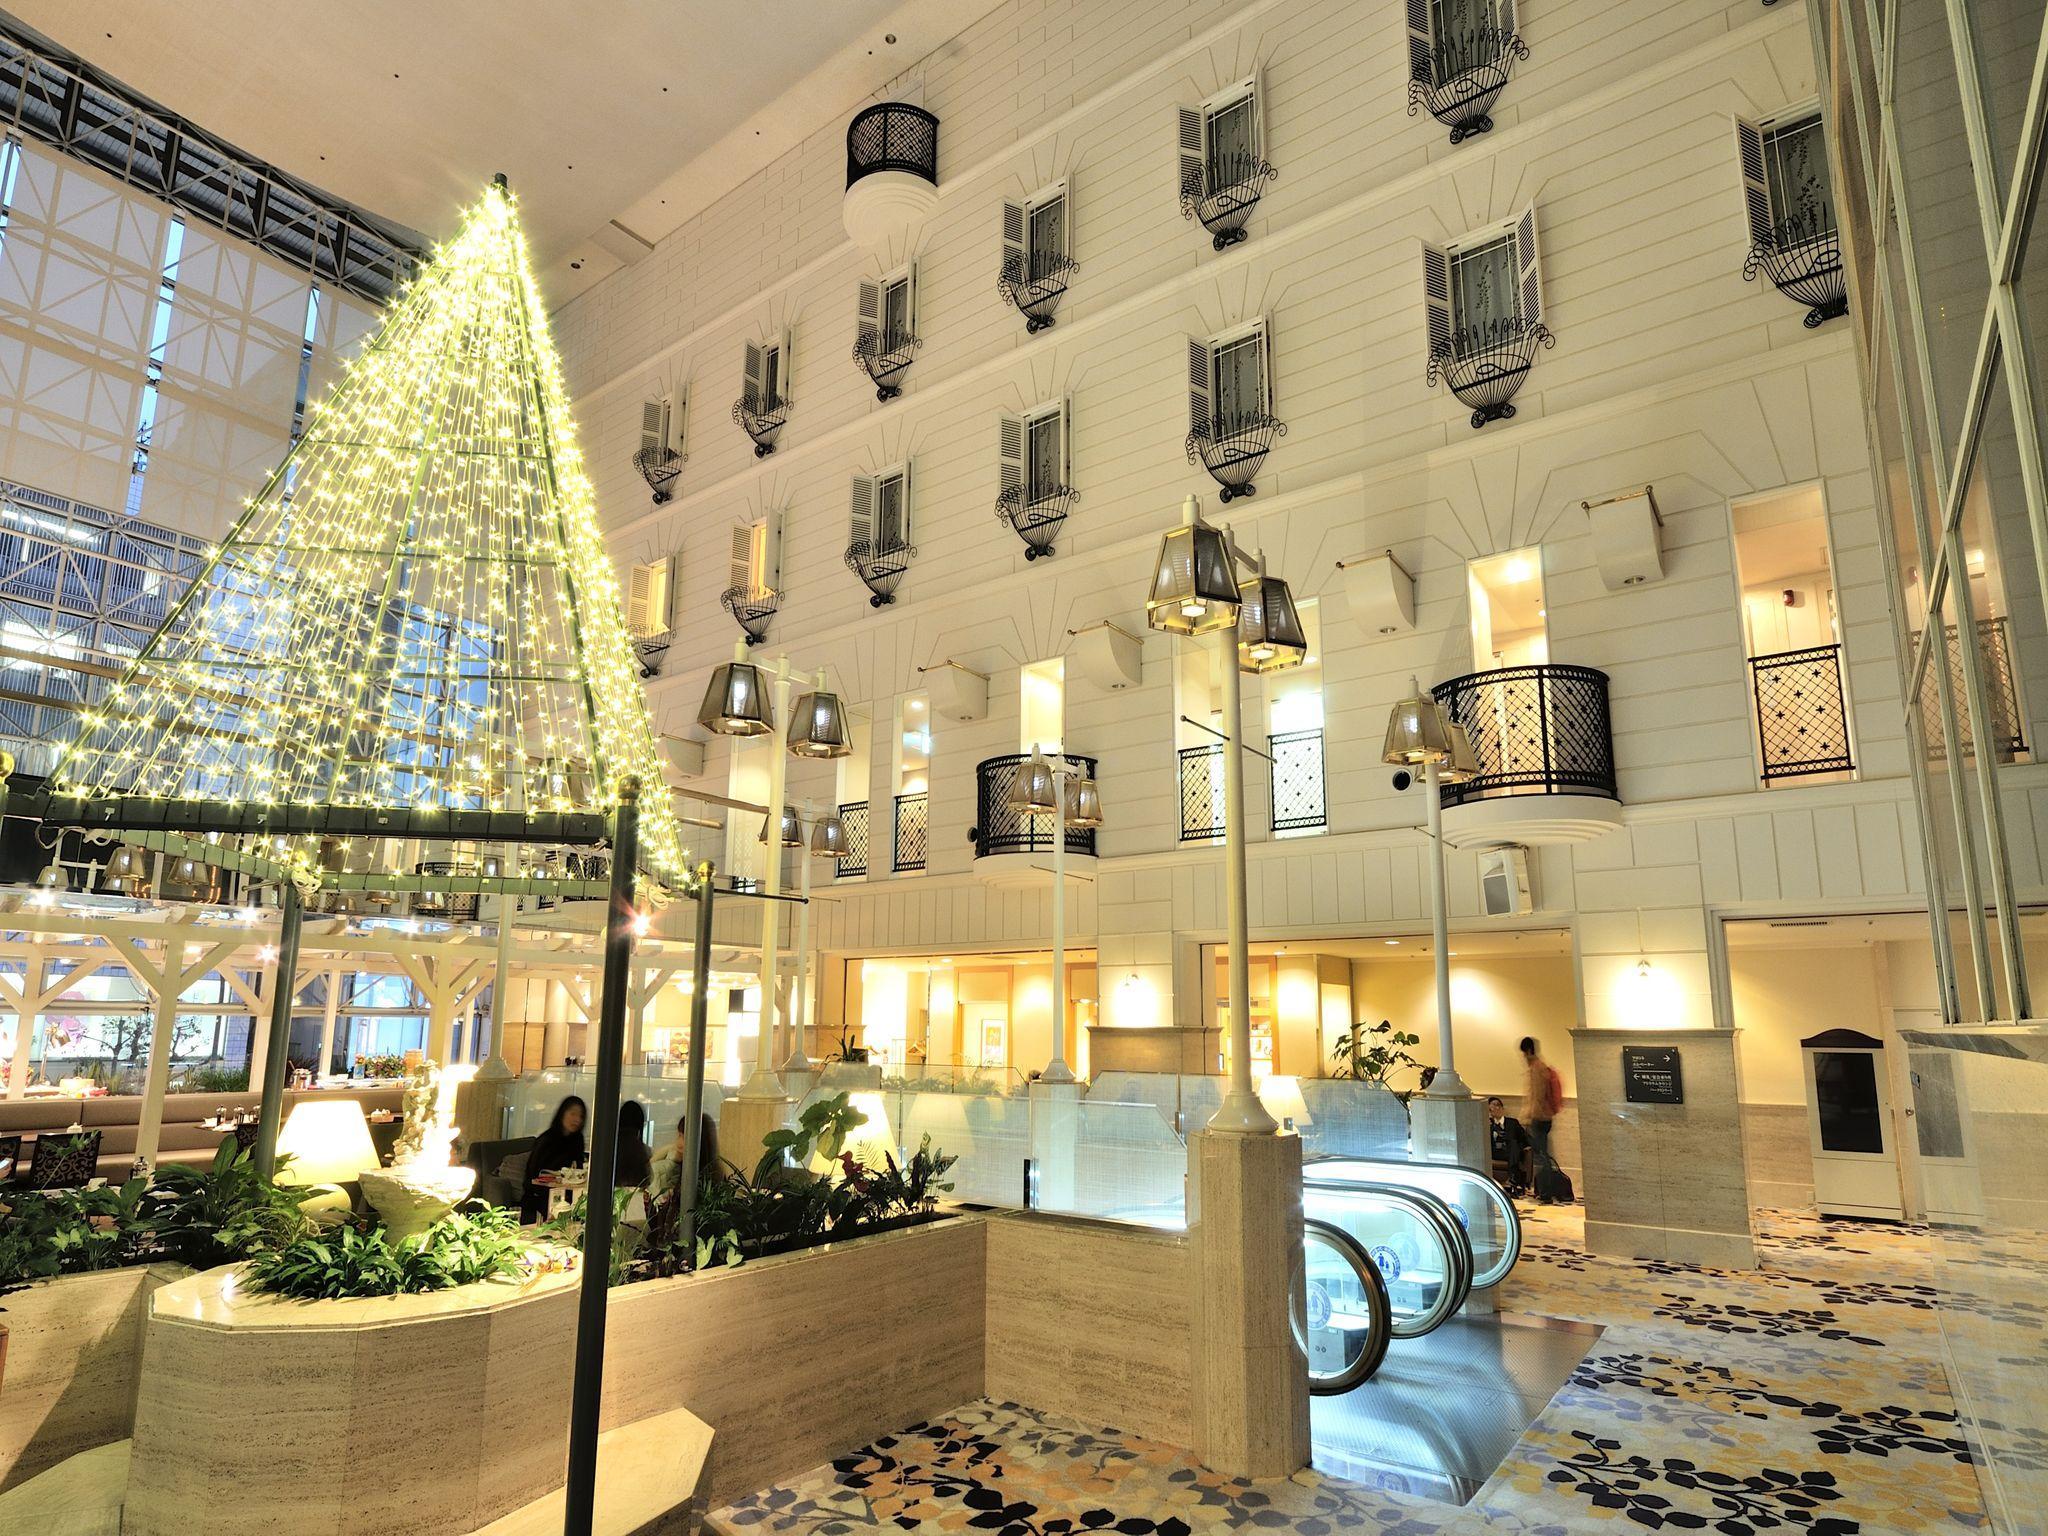 Kichijoji Dai-ichi Hotel, Tokyo, Musashino